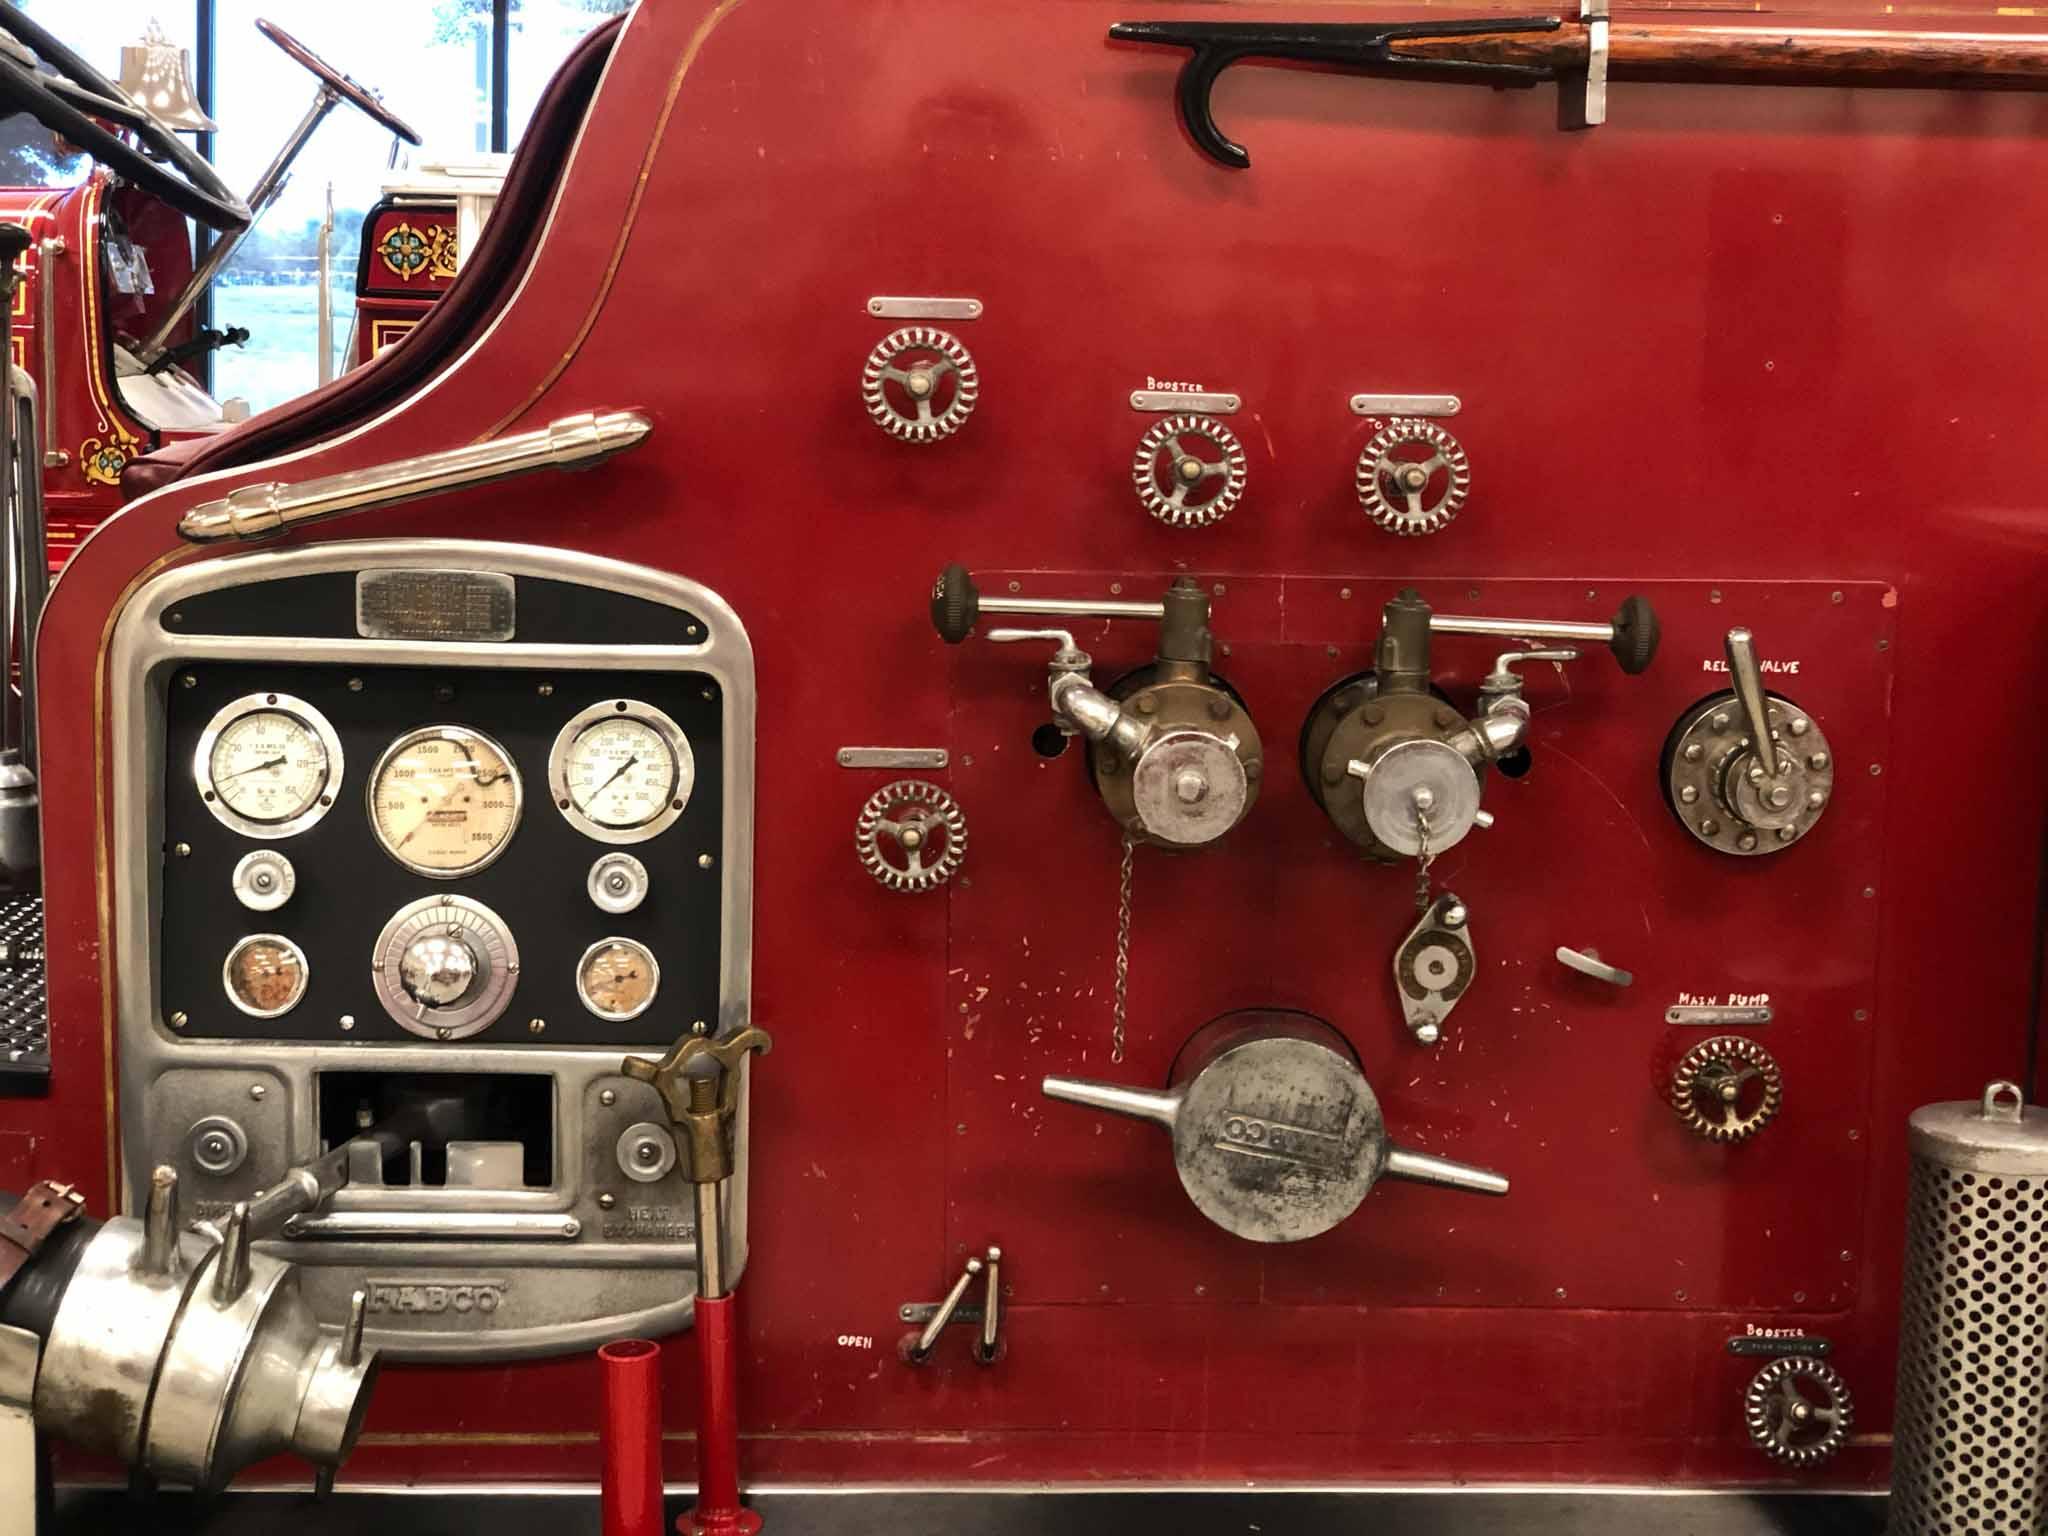 Fire Truck Instrument Panel